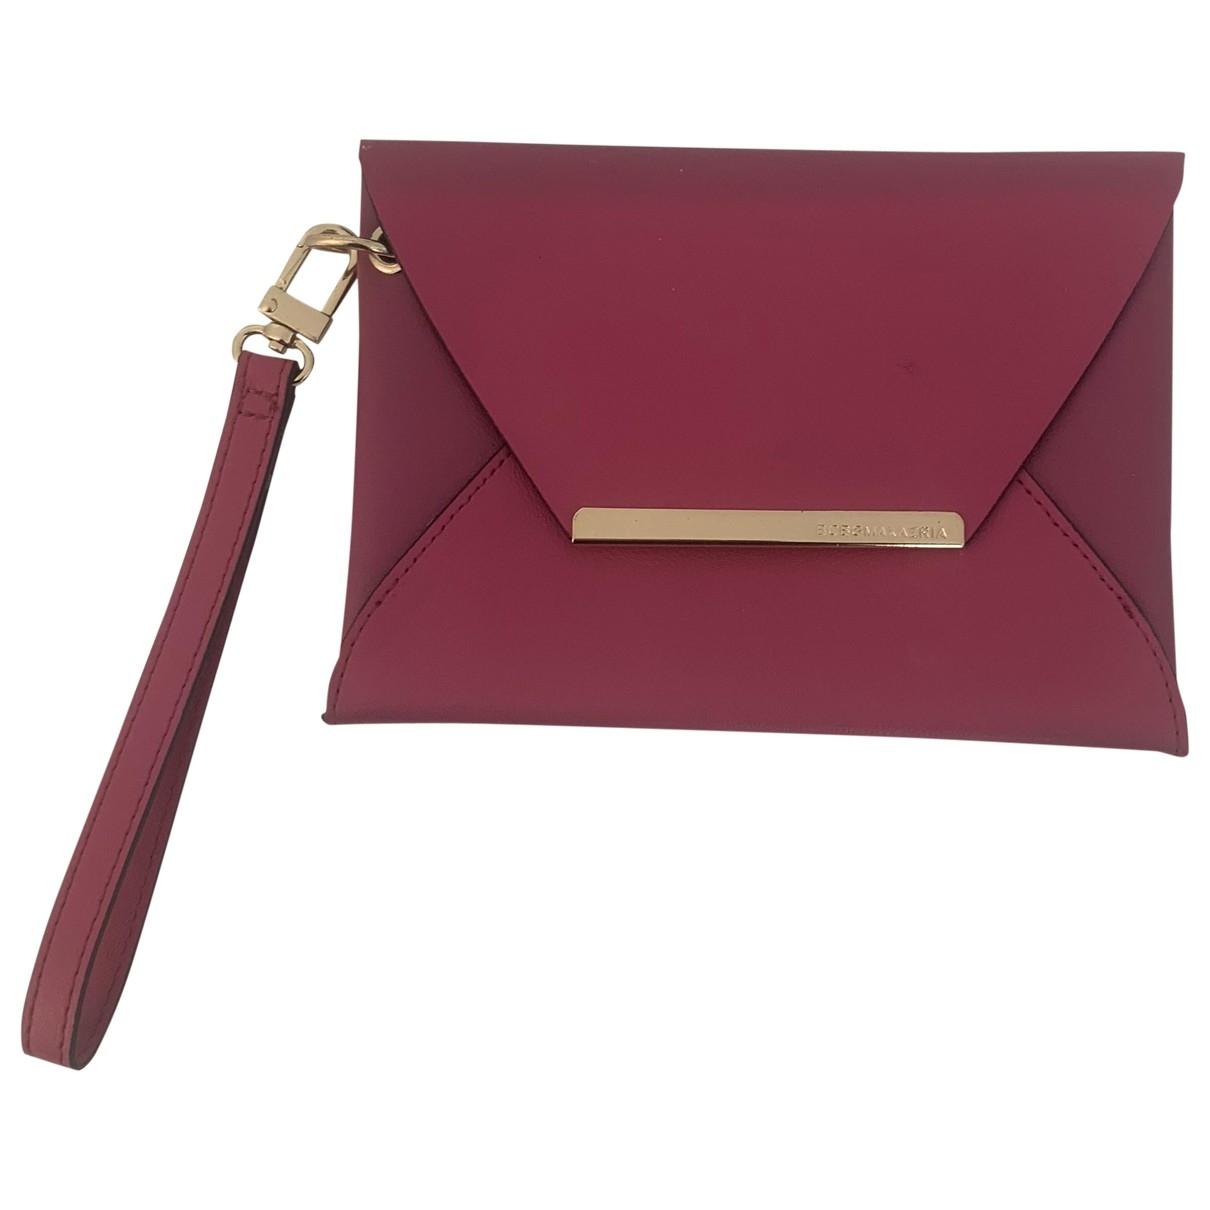 Bcbg Max Azria - Pochette   pour femme en cuir - rose